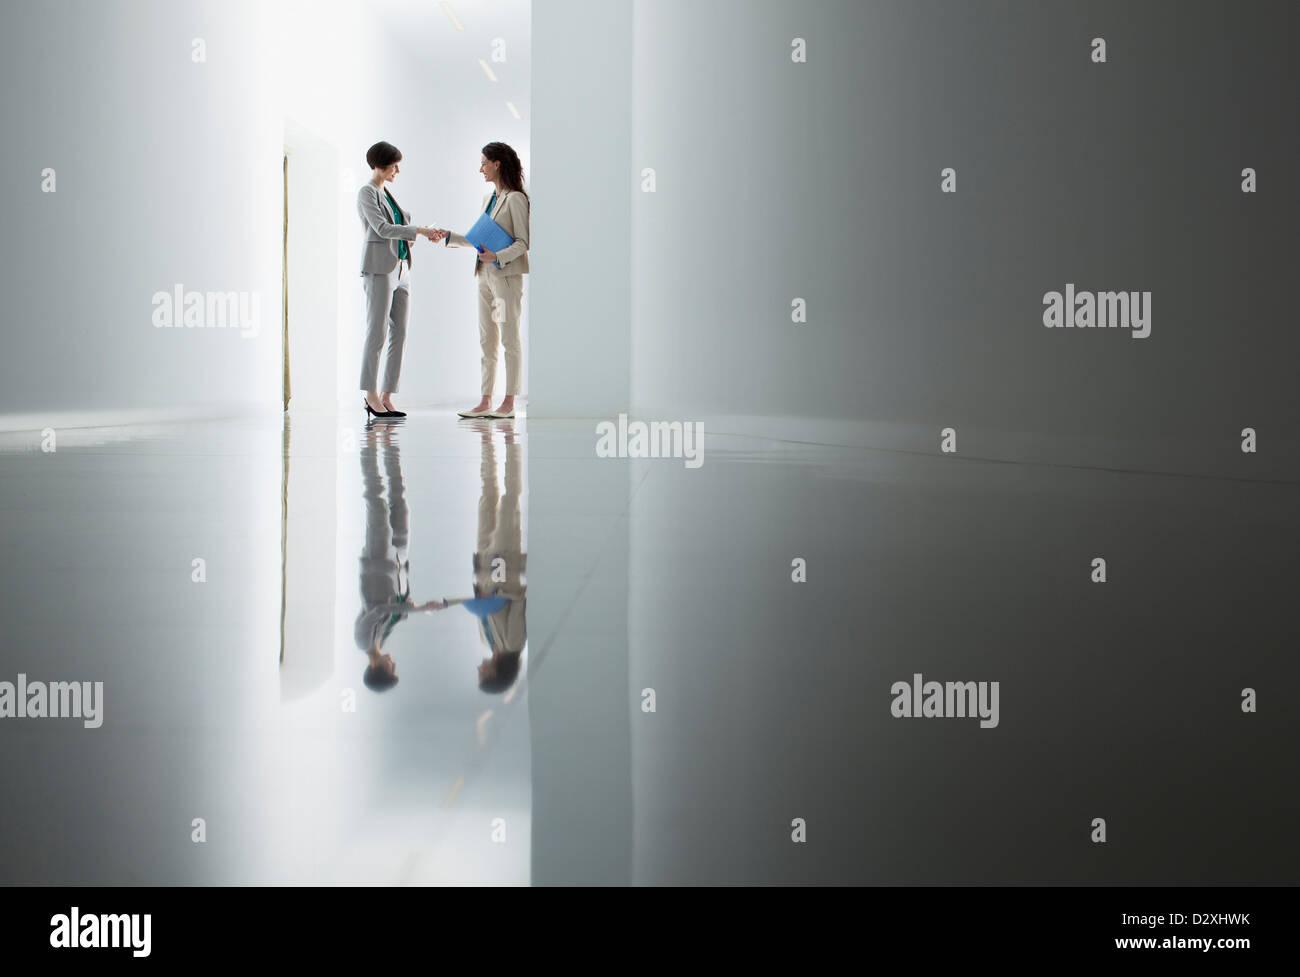 Businesswomen shaking hands in corridor - Stock Image